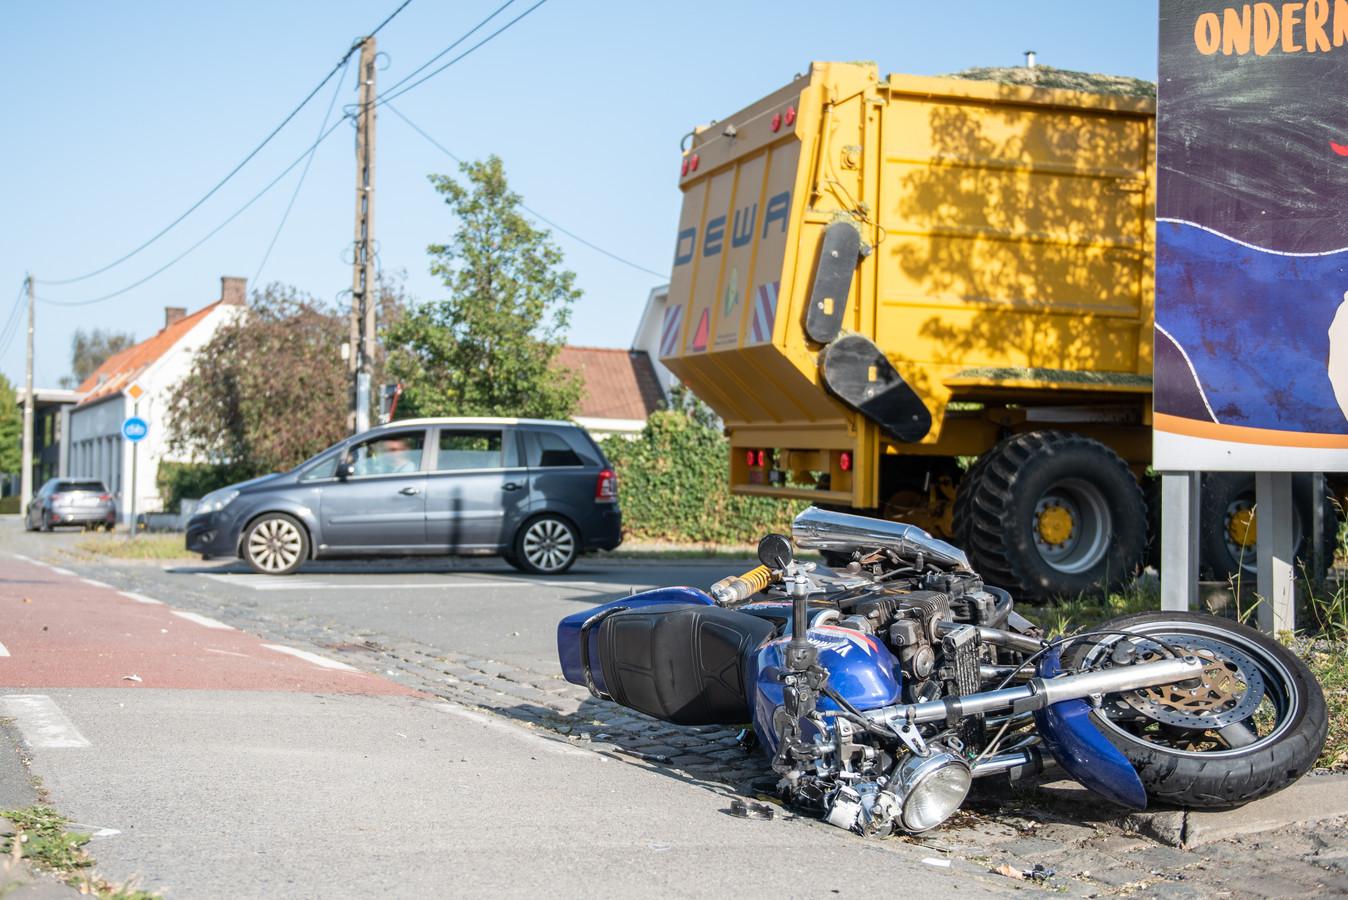 Het ongeval is gebeurd op het kruispunt van de Berchemweg met de Hevelweg.